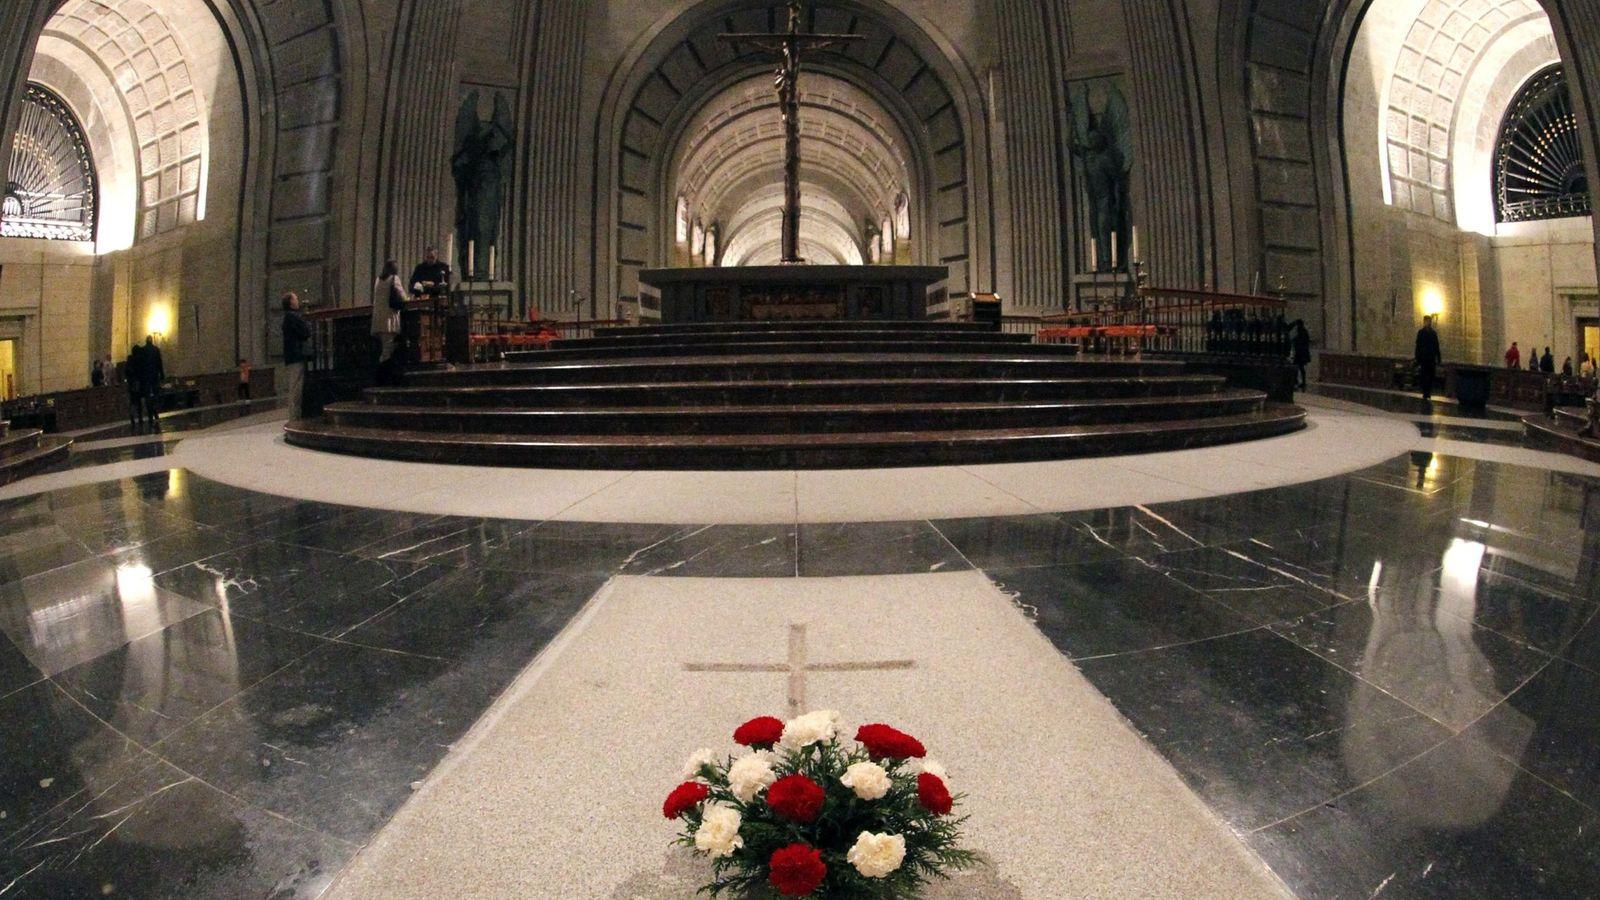 Foto: La tumba donde reponsan los restos de Francisco Franco en el Valle de los Caídos, en diciembre de 2011. (EFE)